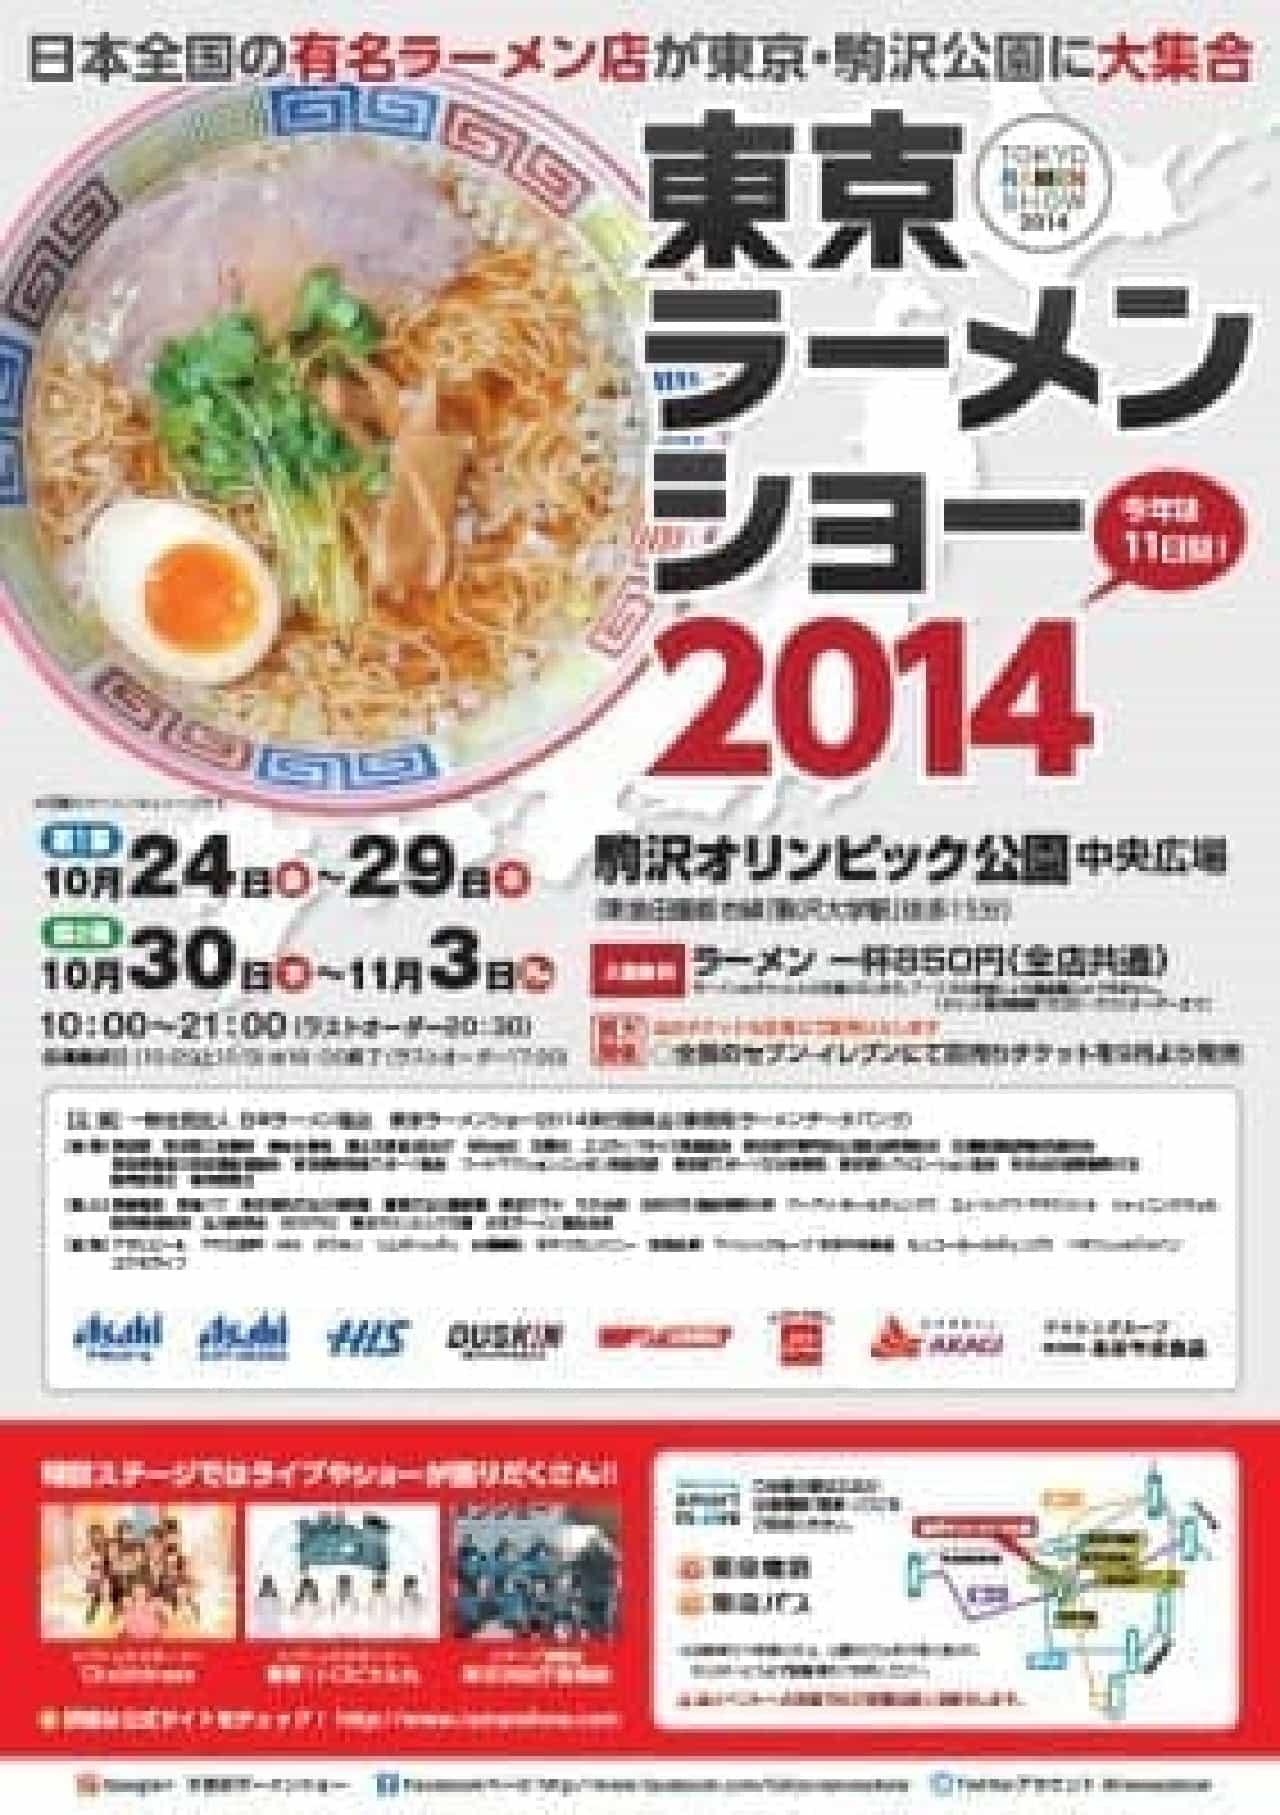 東京ラーメンショー2014、開催せまる!